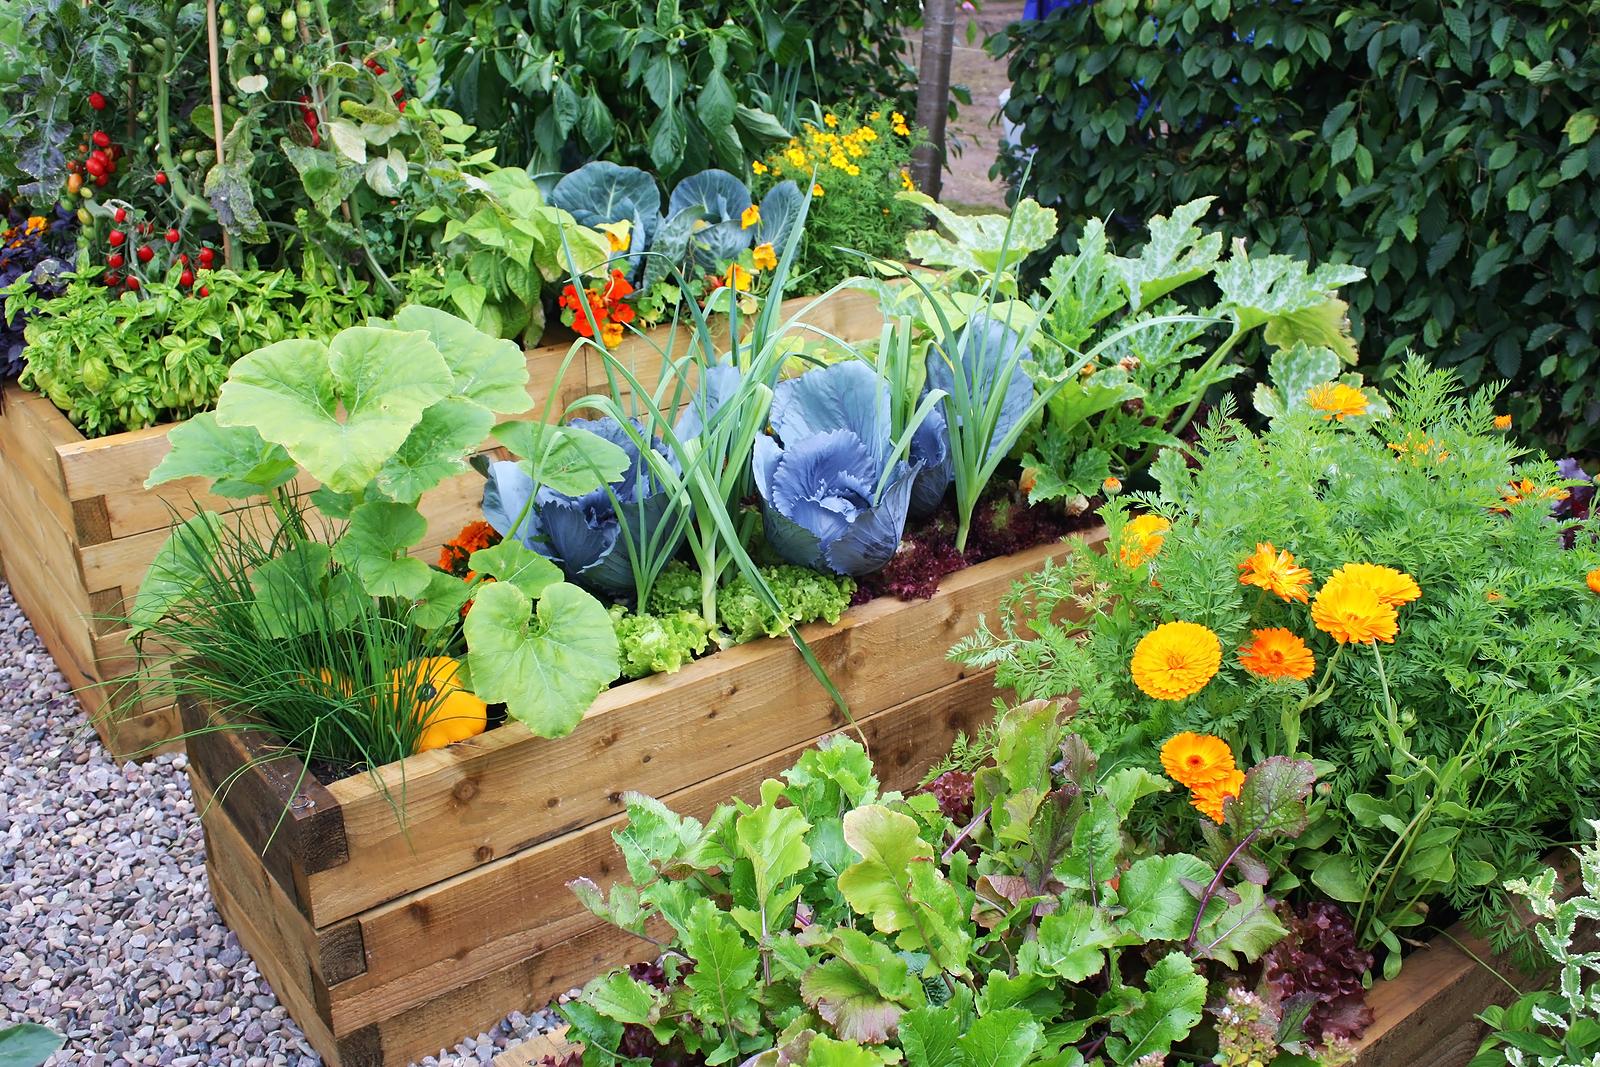 preparing garden for spring planting, Gartenarbeit ideen